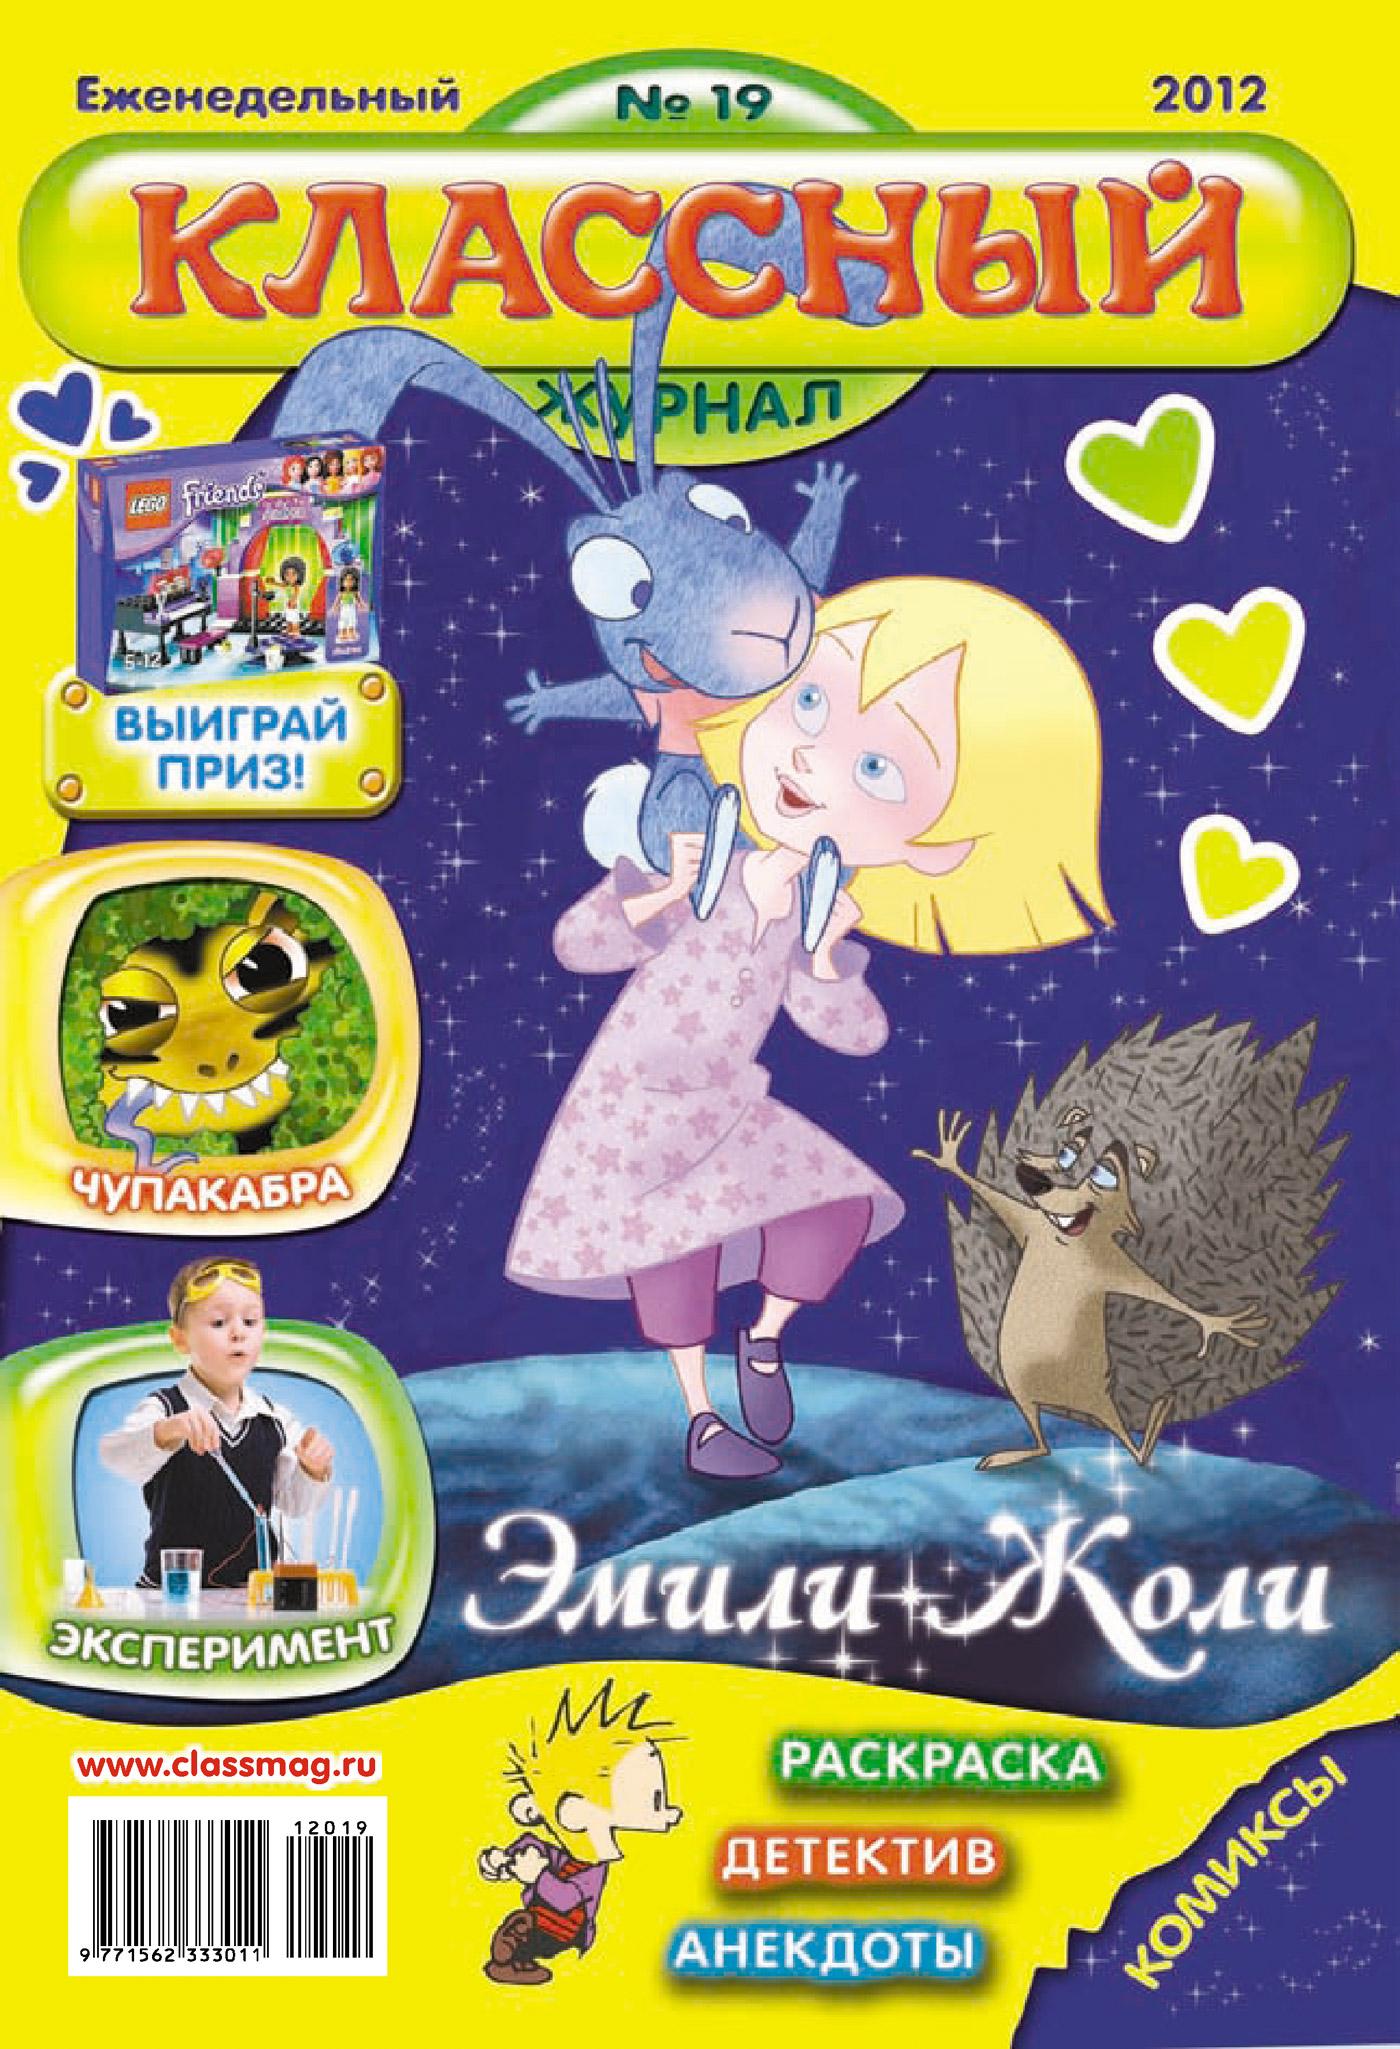 Фото - Открытые системы Классный журнал №19/2012 открытые системы классный журнал 14 2012